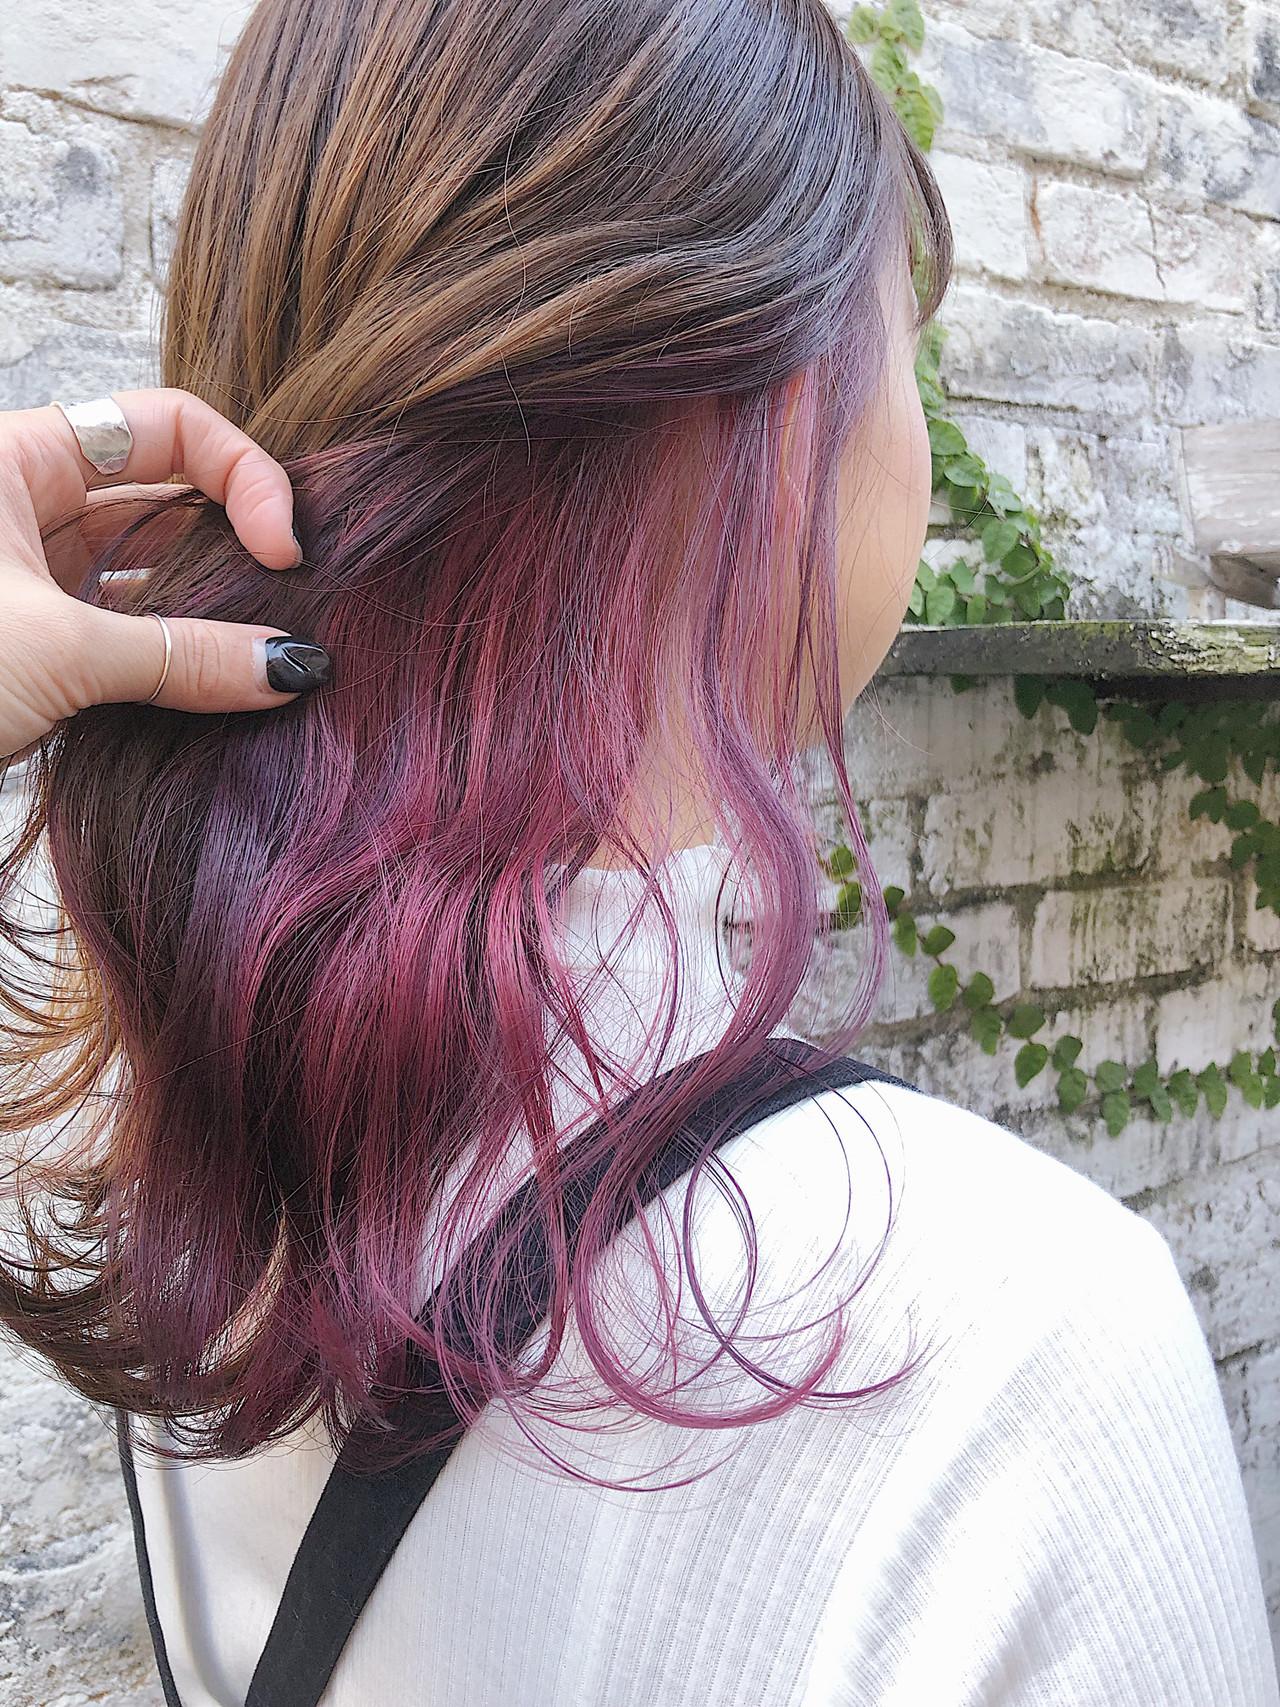 セミロング インナーカラー ピンクカラー ピンクラベンダー ヘアスタイルや髪型の写真・画像